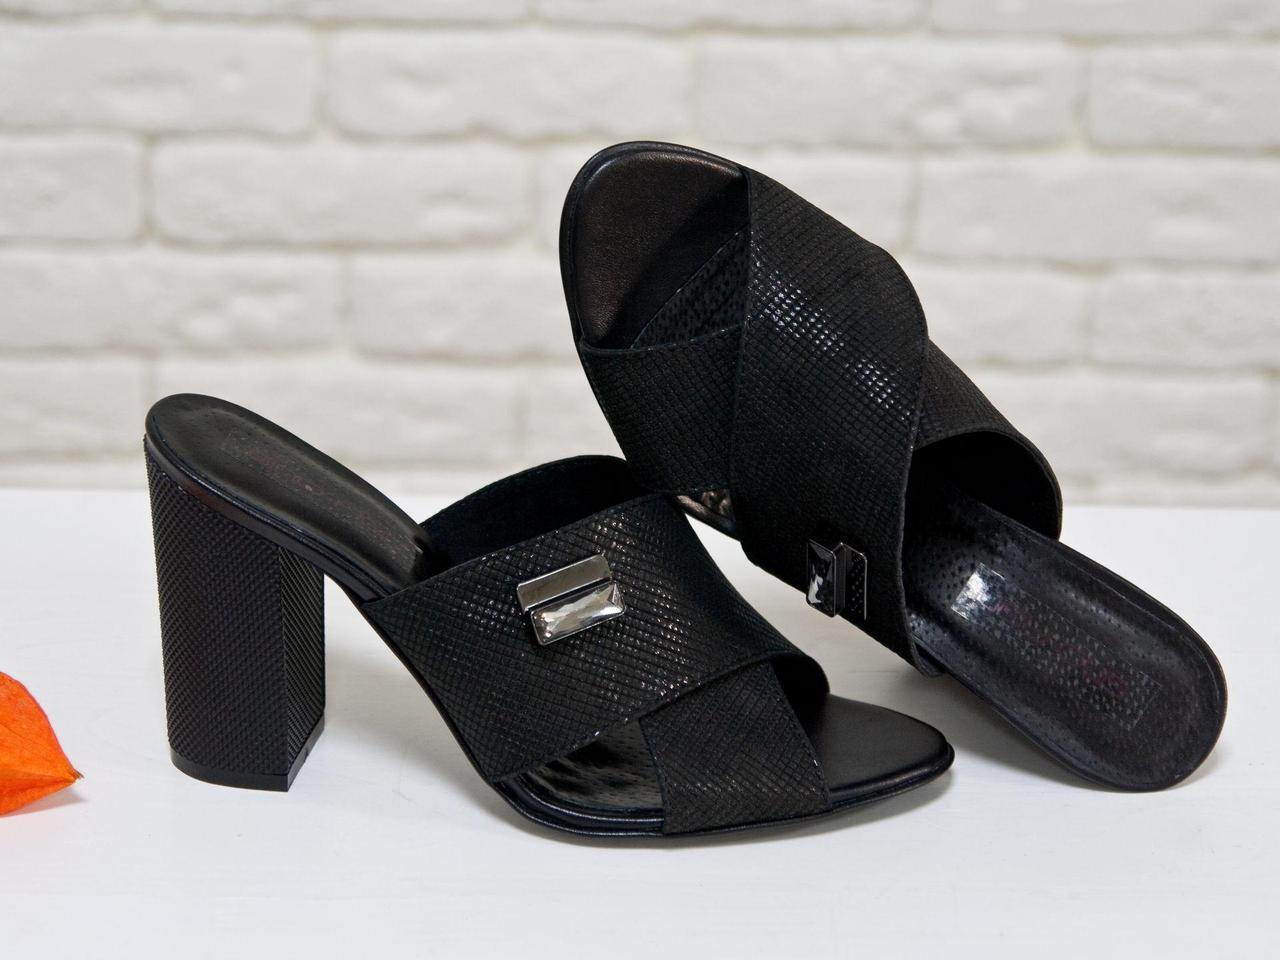 Шлепанцы из натуральной эксклюзивной кожи черного цвета с легким блеском, на утолщенном каблуке